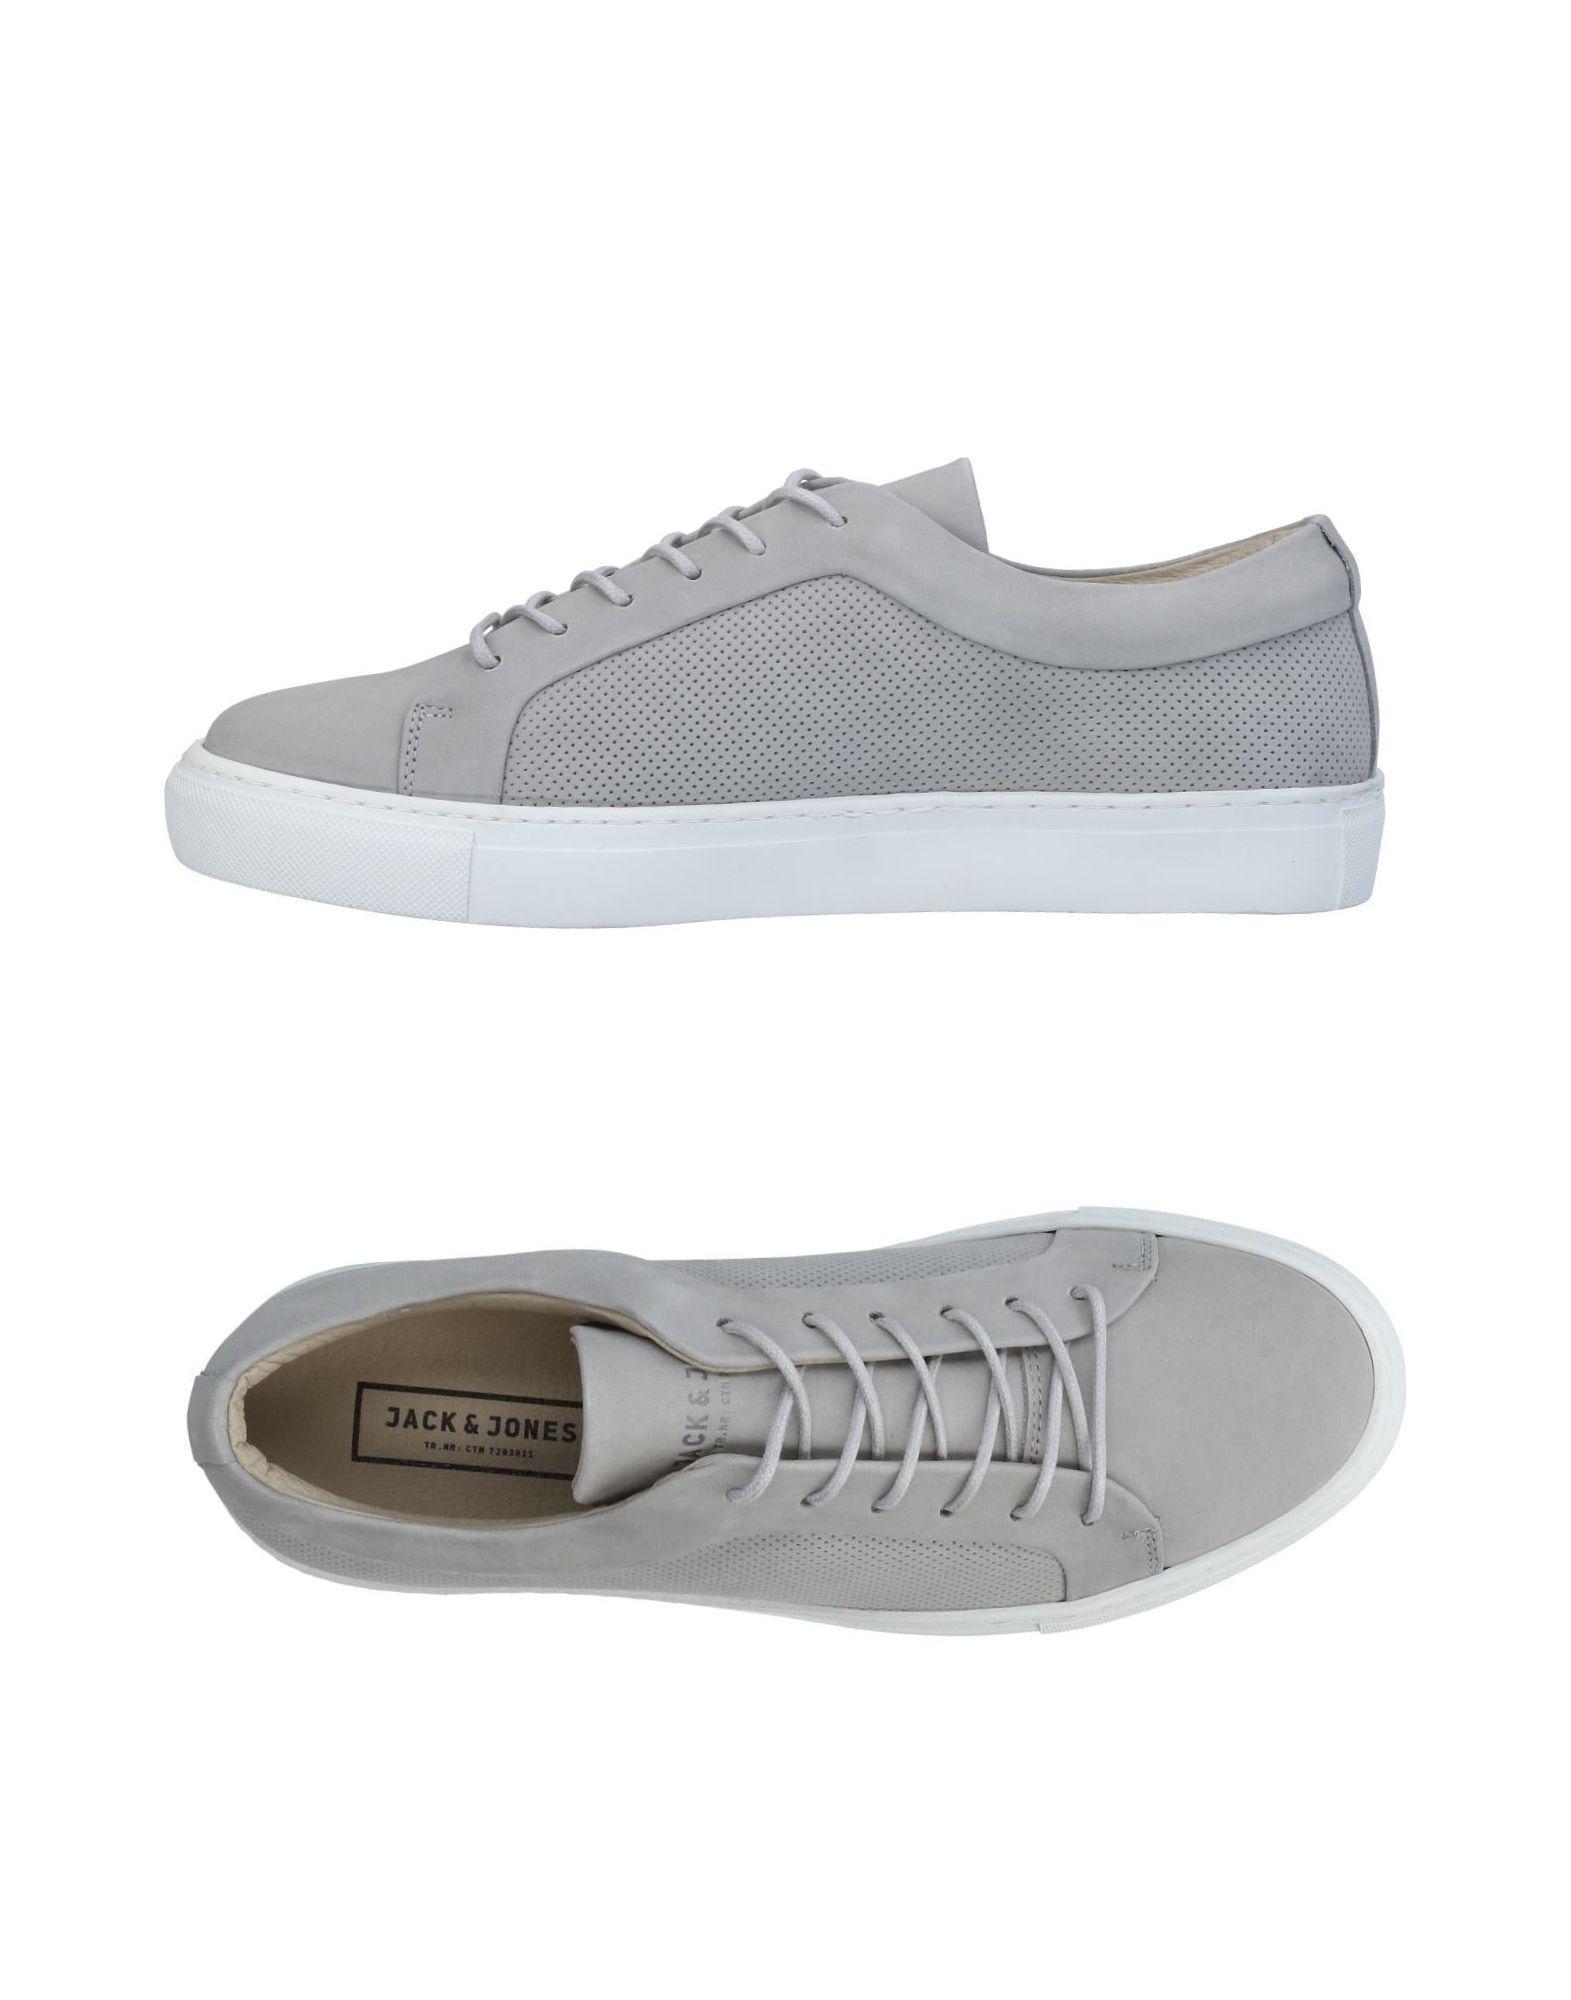 Jack & Jones Sneakers Herren  11441522XK Neue Schuhe